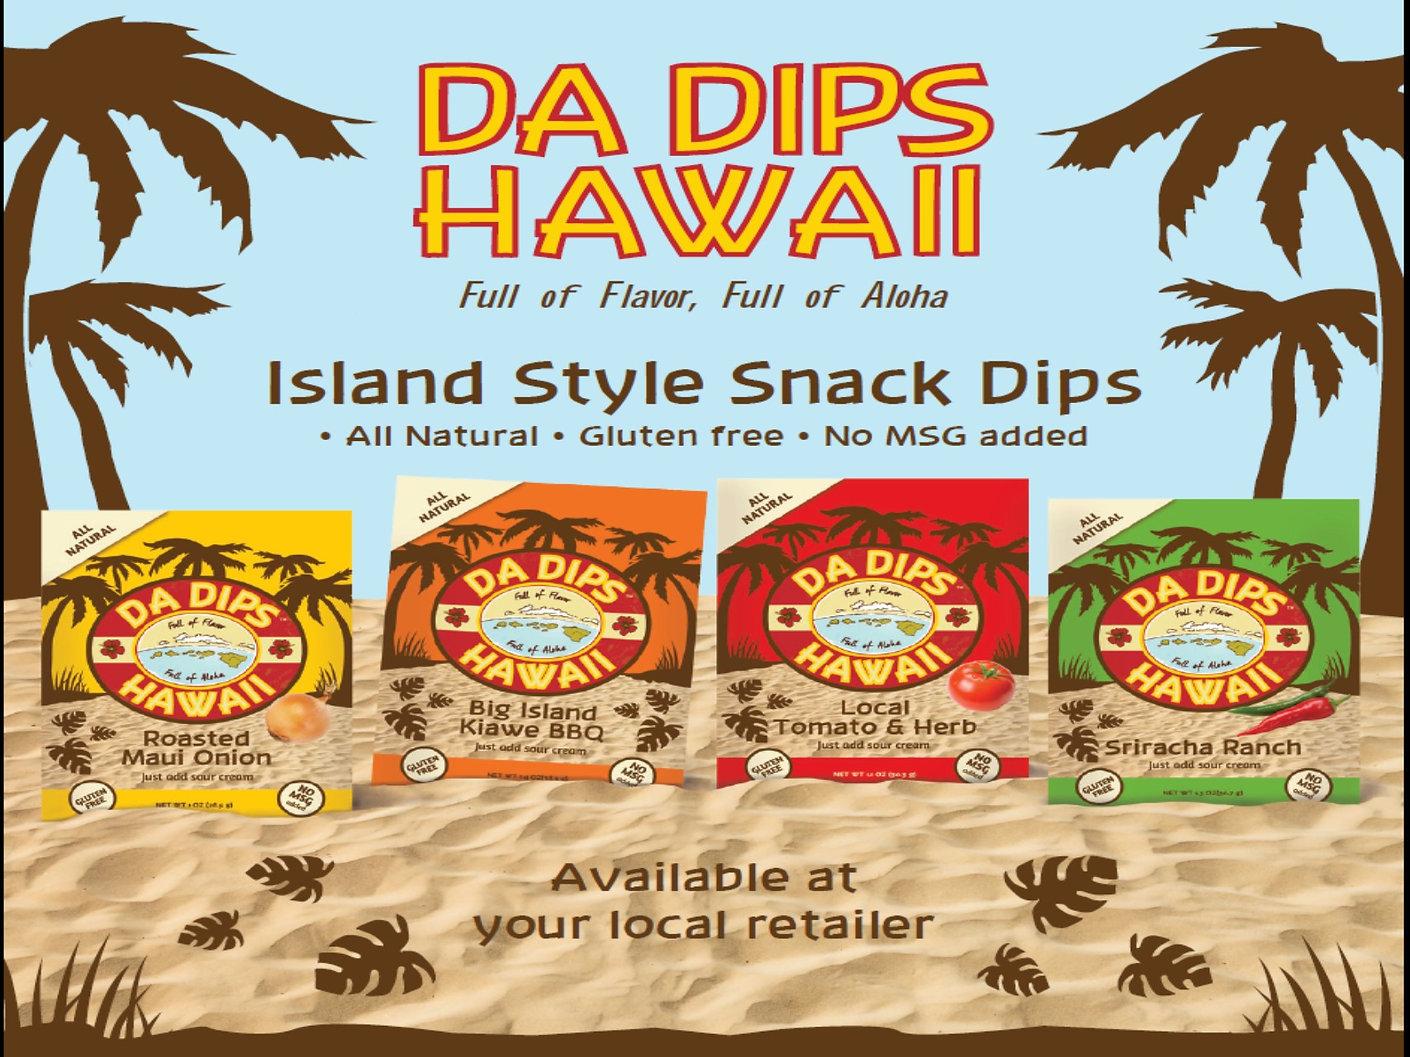 da dips hawaii